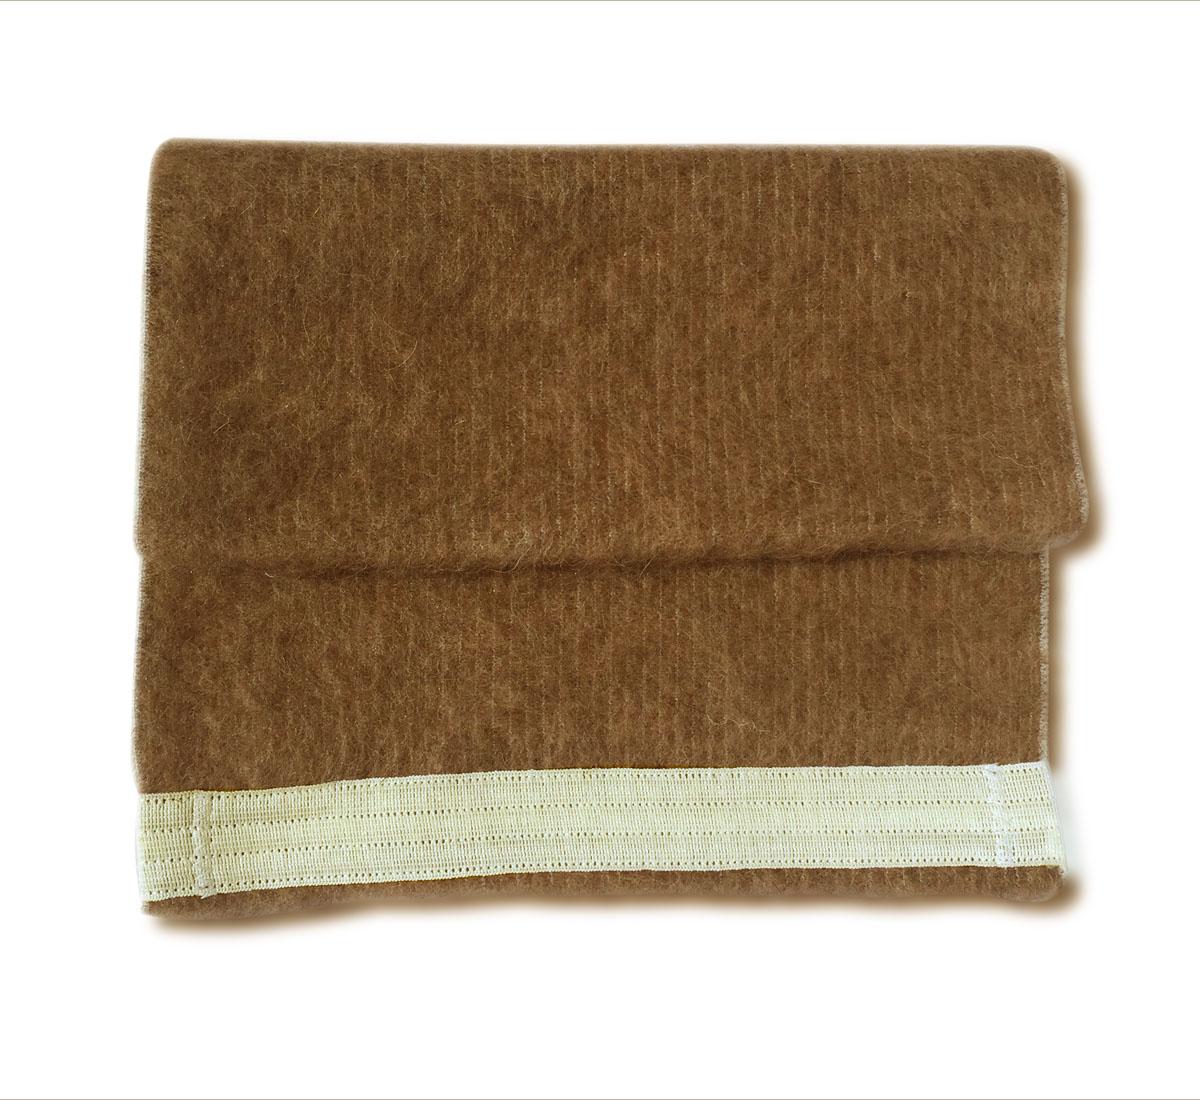 Пояс-бандаж согревающий, верблюжья шерсть, размер 6 (талия 99 -109) (ИМН)